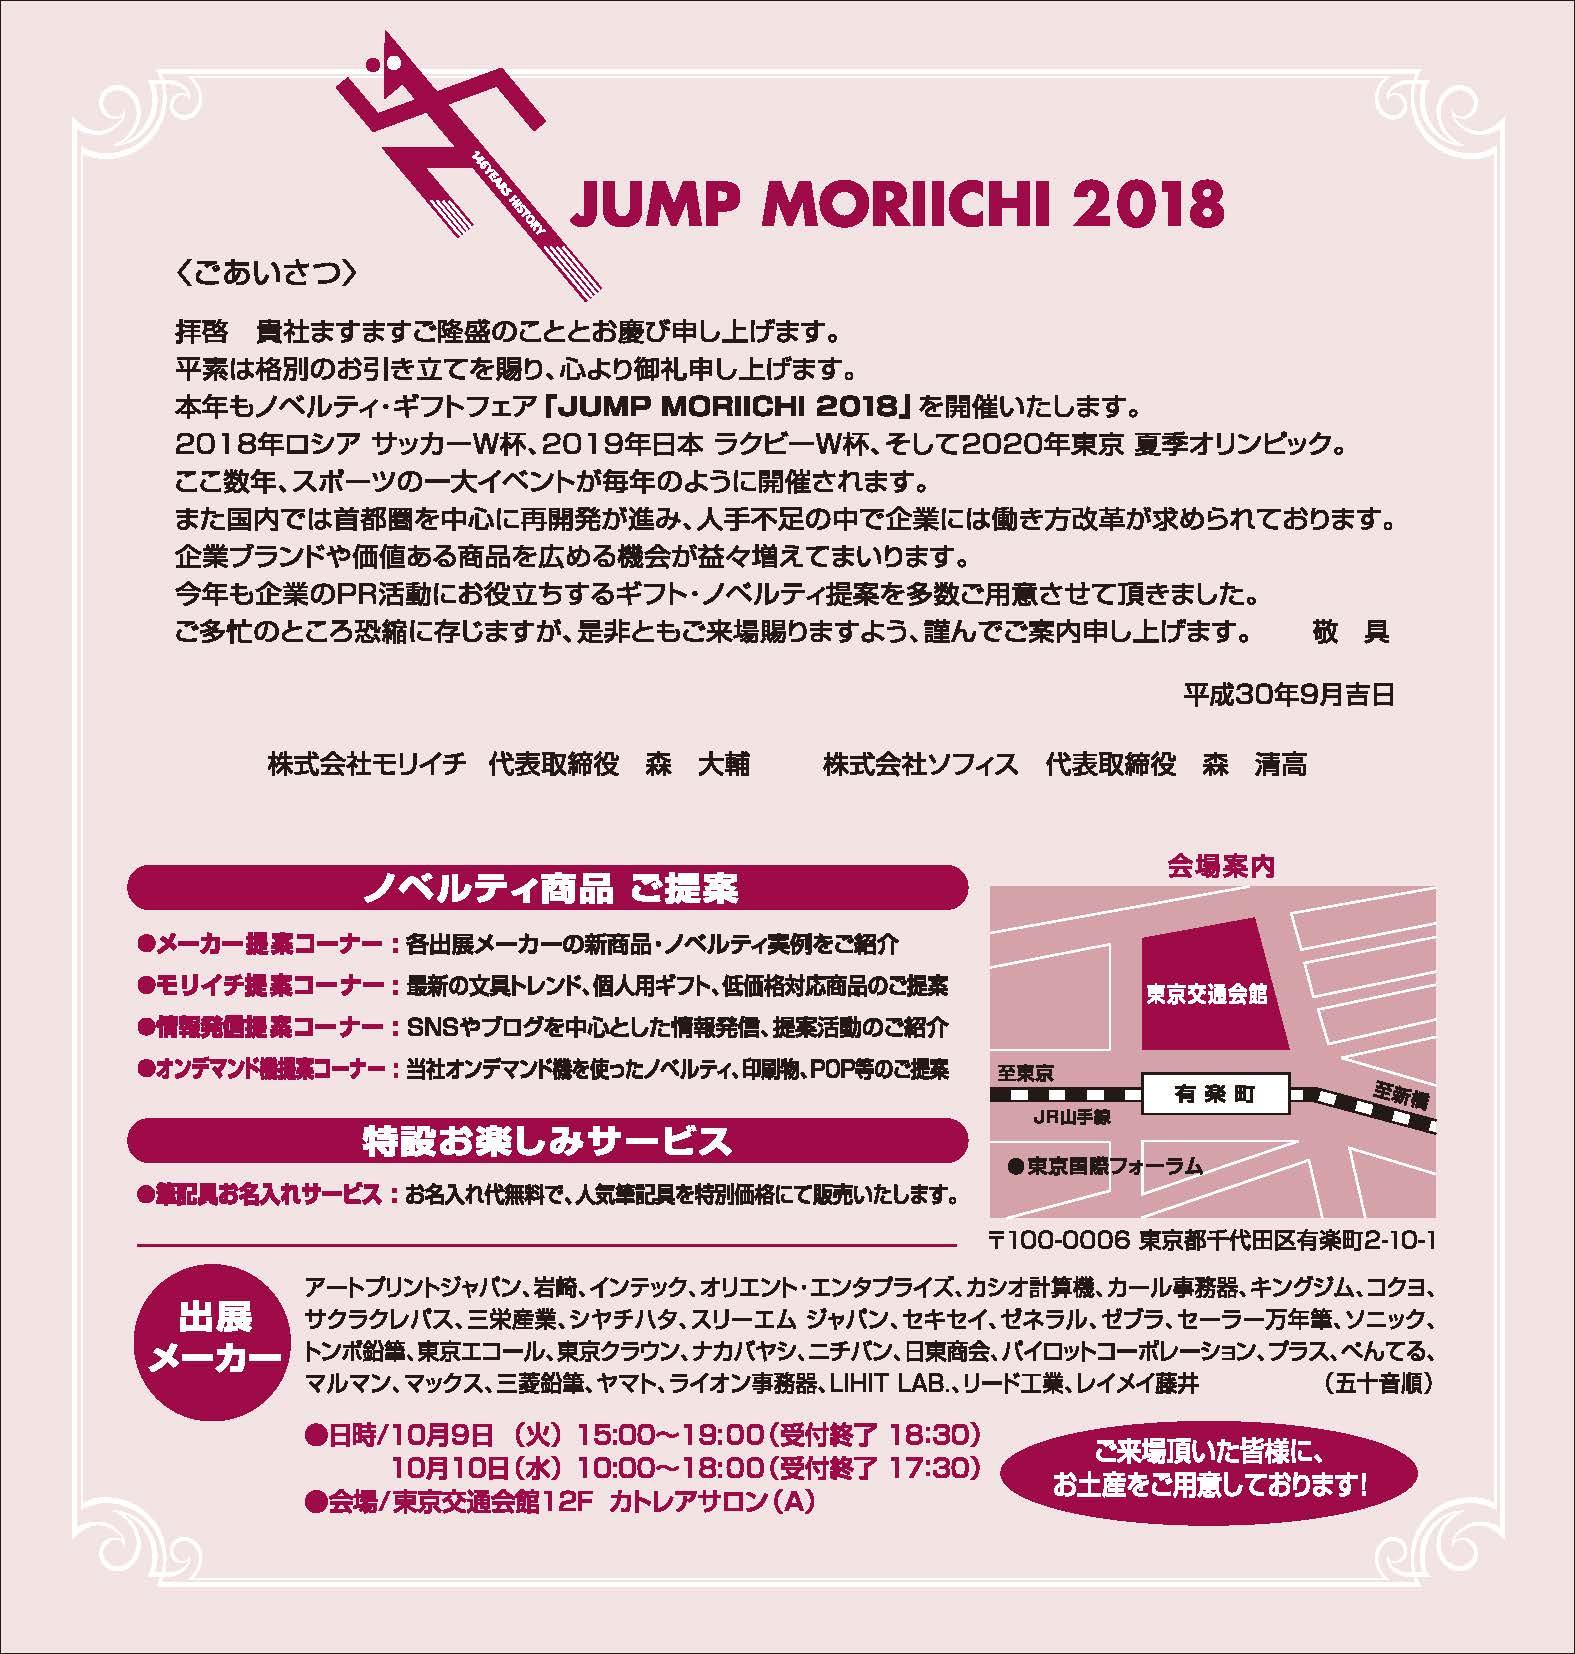 2018JMHP